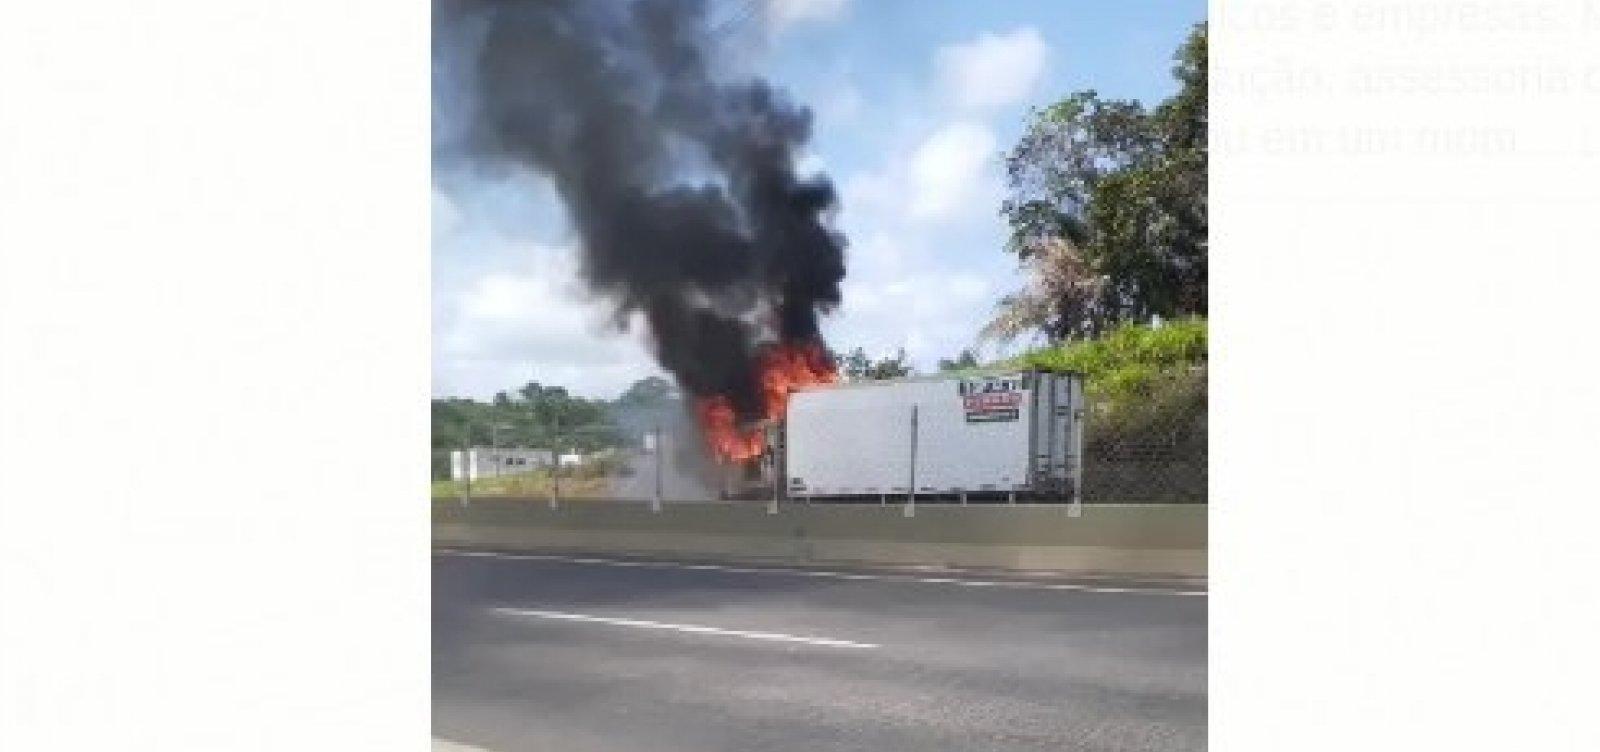 Bandidos armados atiram e ateam fogo em caminhão na rodovia CIA/Aeroporto